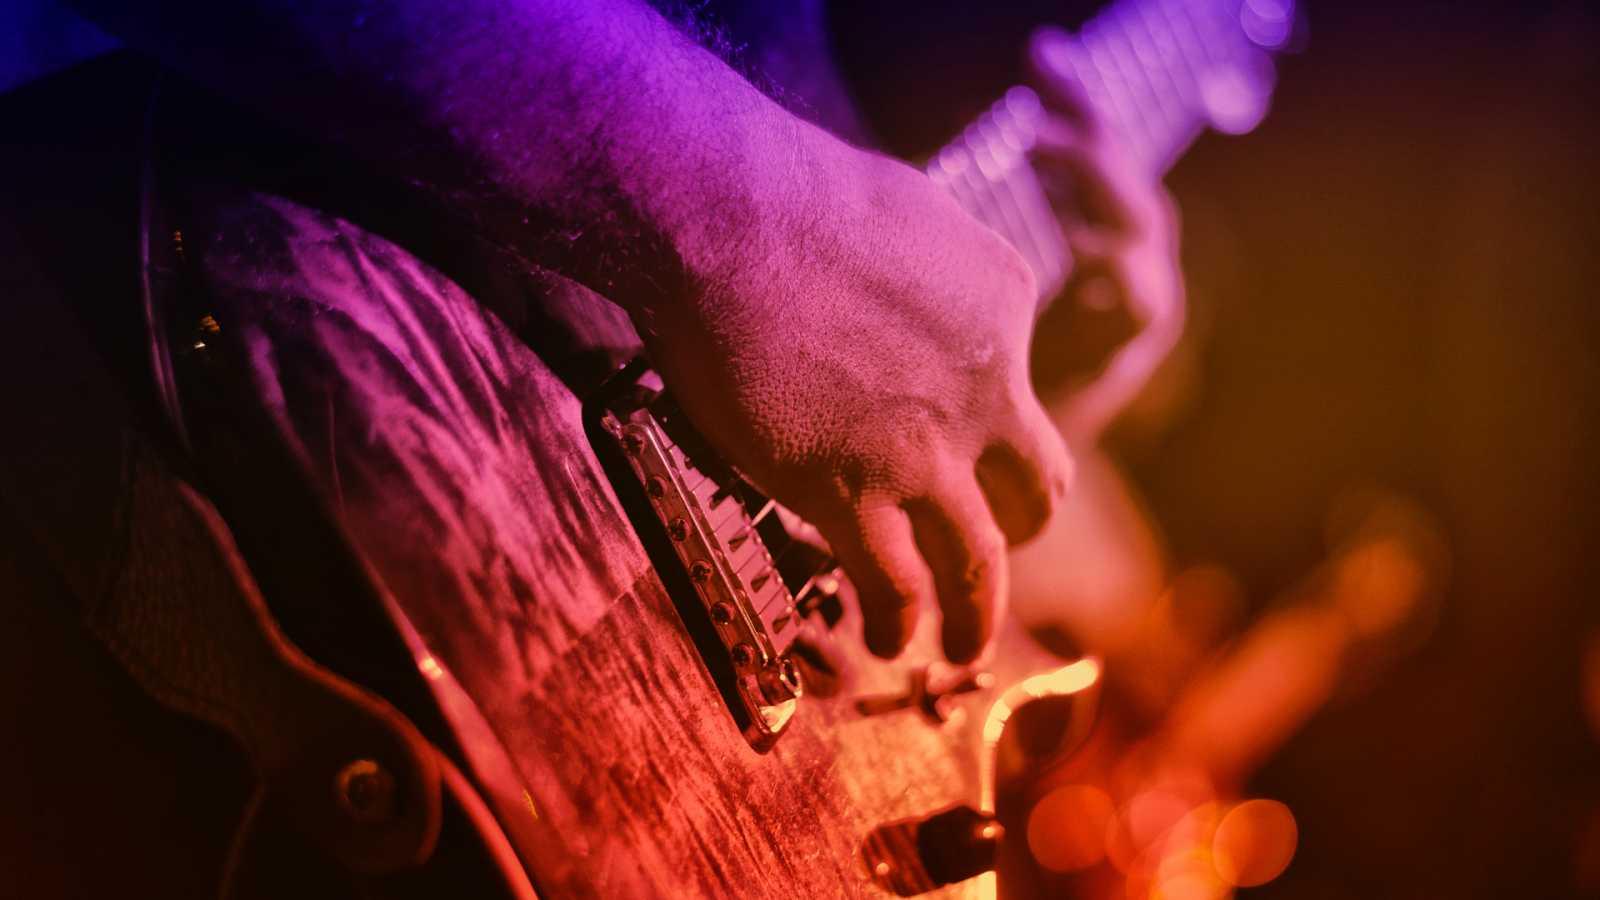 La Púa de Radio 3 Extra - Especial Hard Rock / AOR 4 - Escuchar ahora